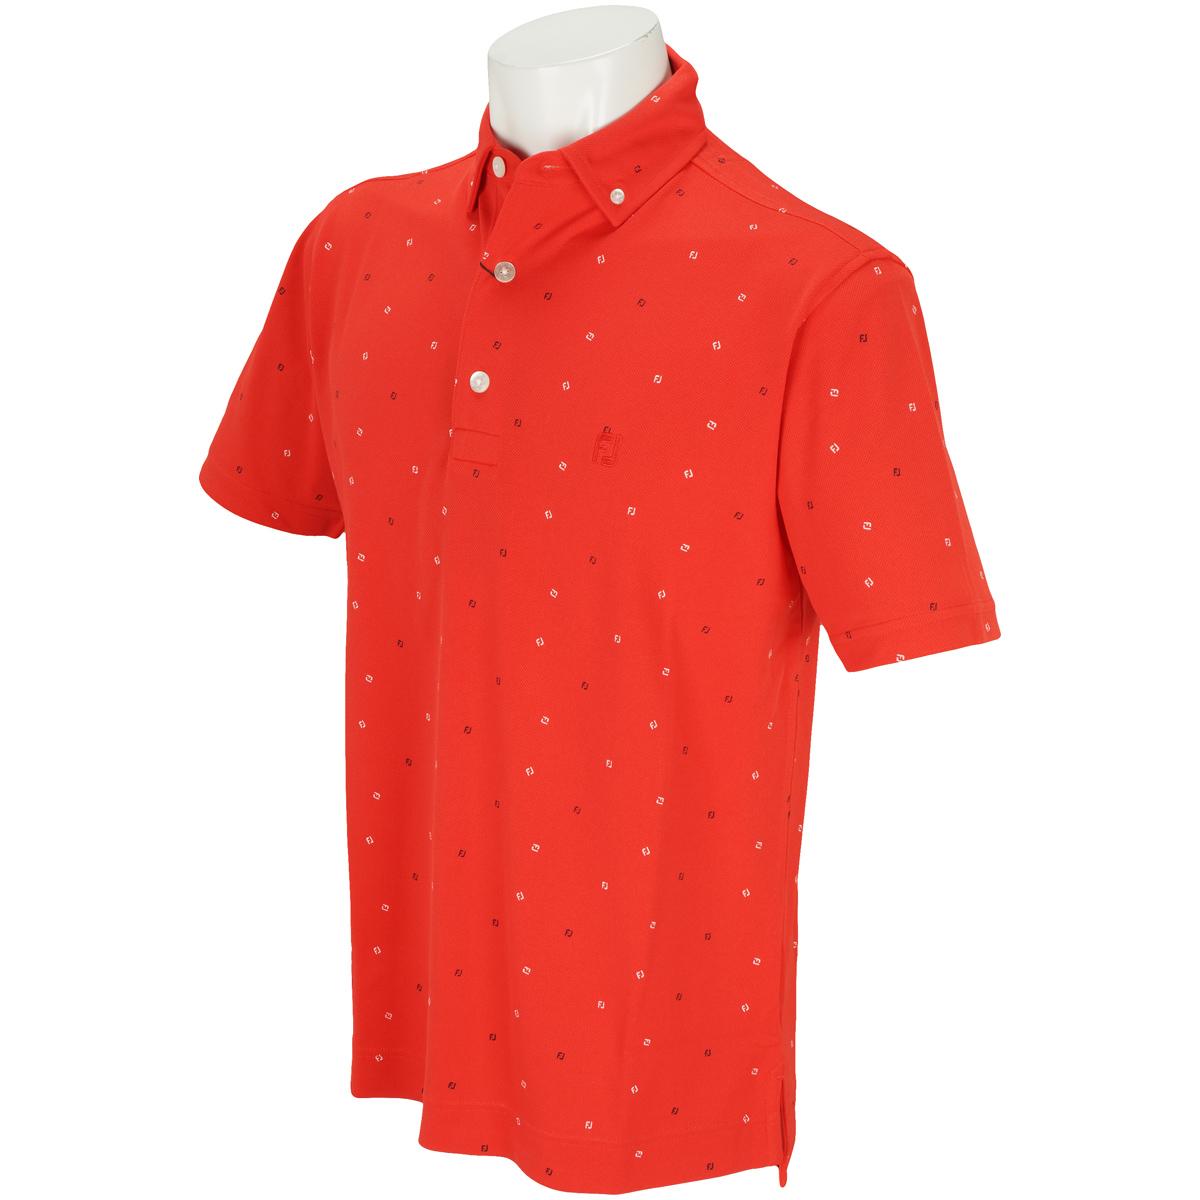 クーリング FJプリントストレッチ鹿の子半袖ポロシャツ